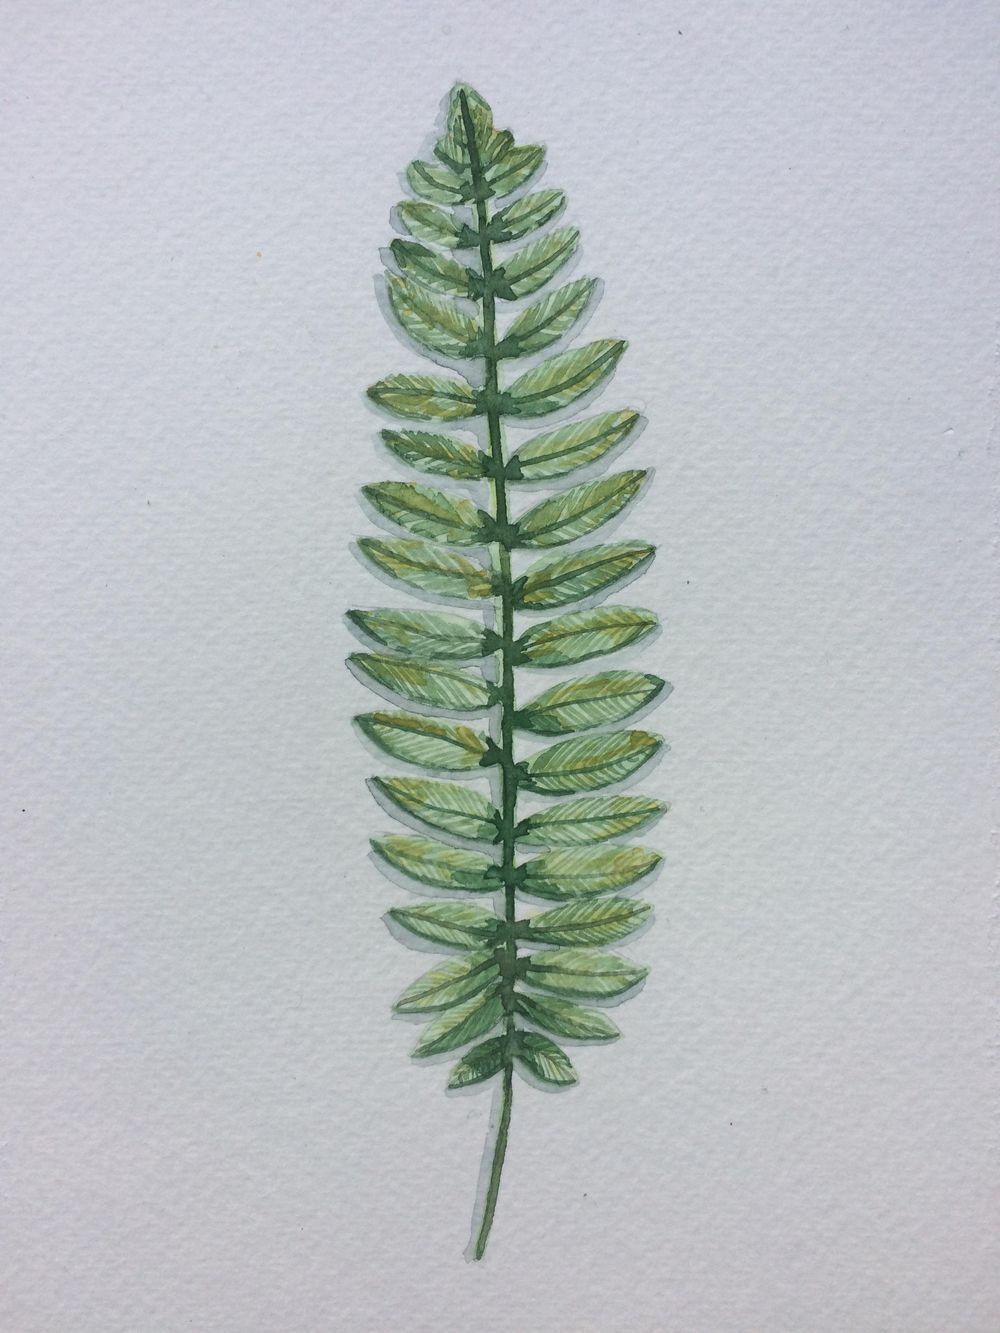 Mushroom n leaf! - image 2 - student project